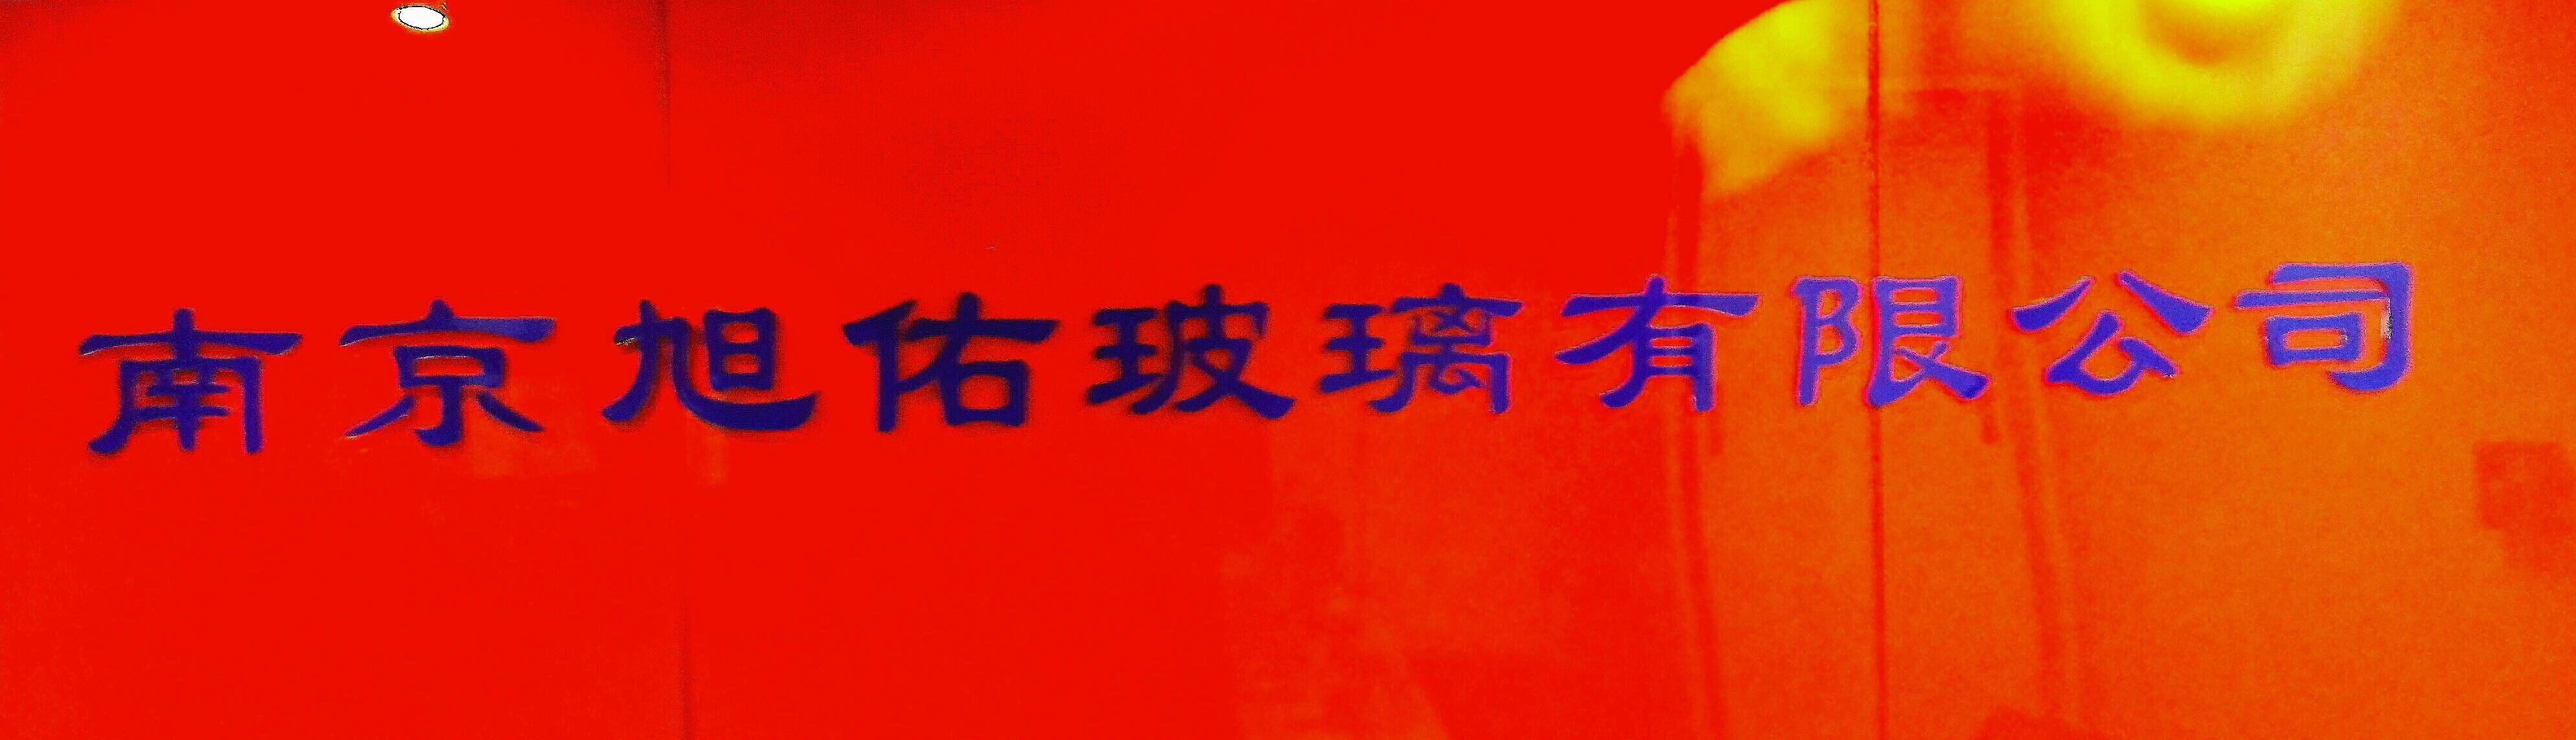 南京旭佑玻璃有限公司企业形象图片